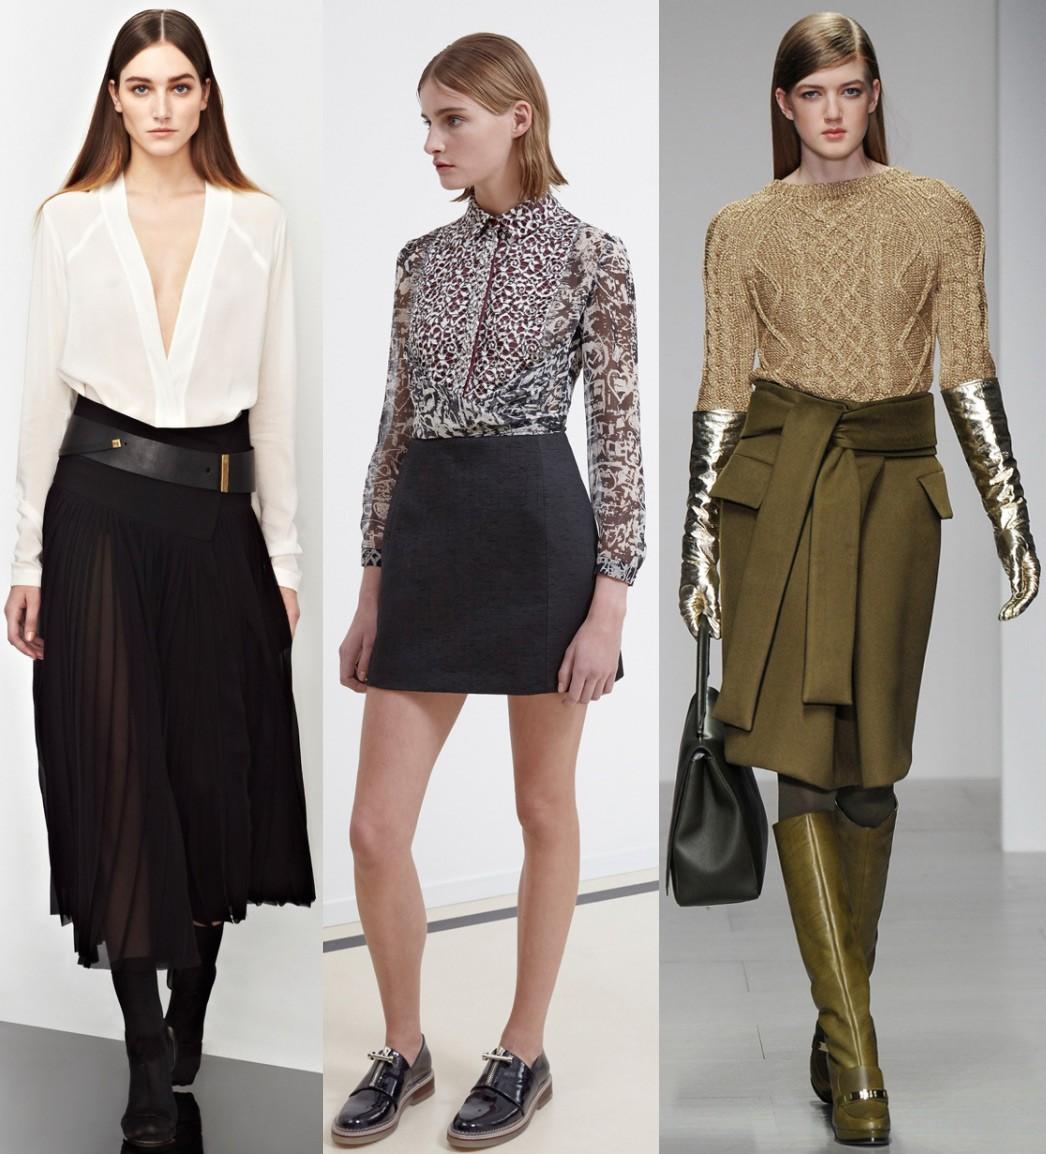 модные юбки 2018: миди черная короткая классика зеленая с поясом а-силуэт